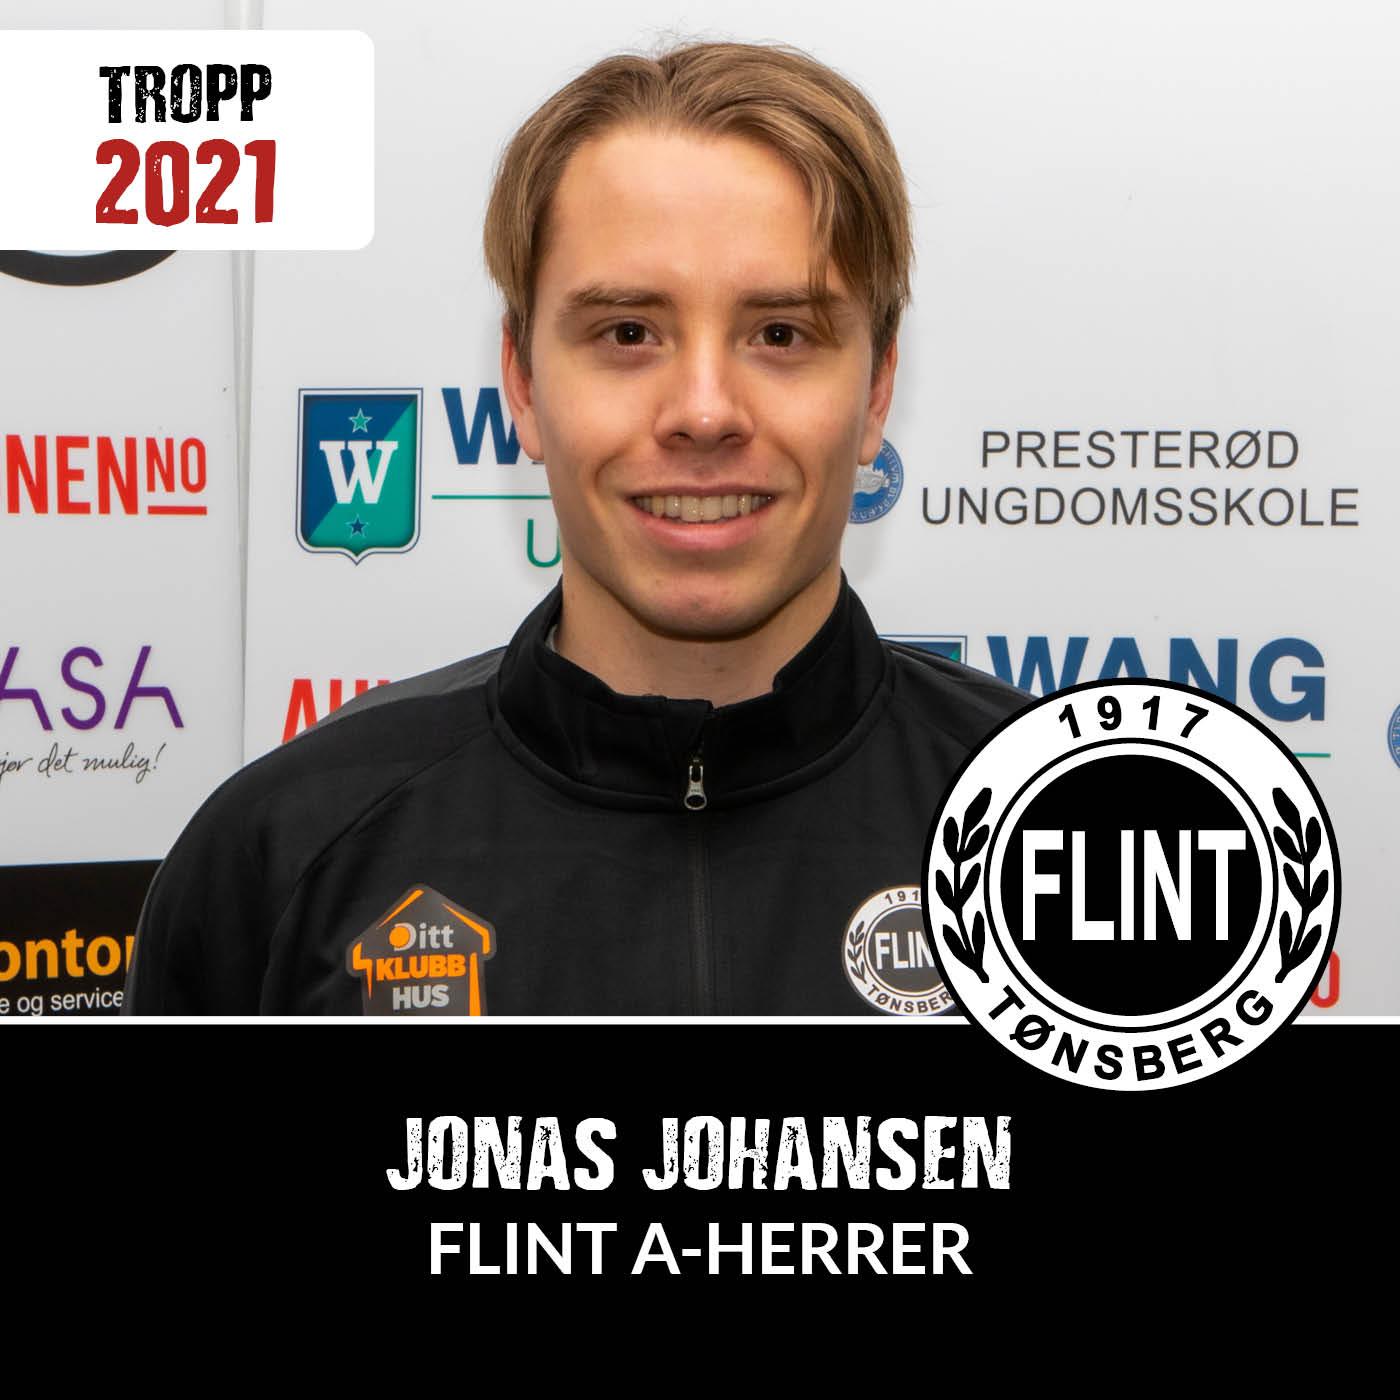 https://www.flintfotball.no/wp-content/uploads/2021/01/A-herrer-2021-Jonas-Johansen.jpg